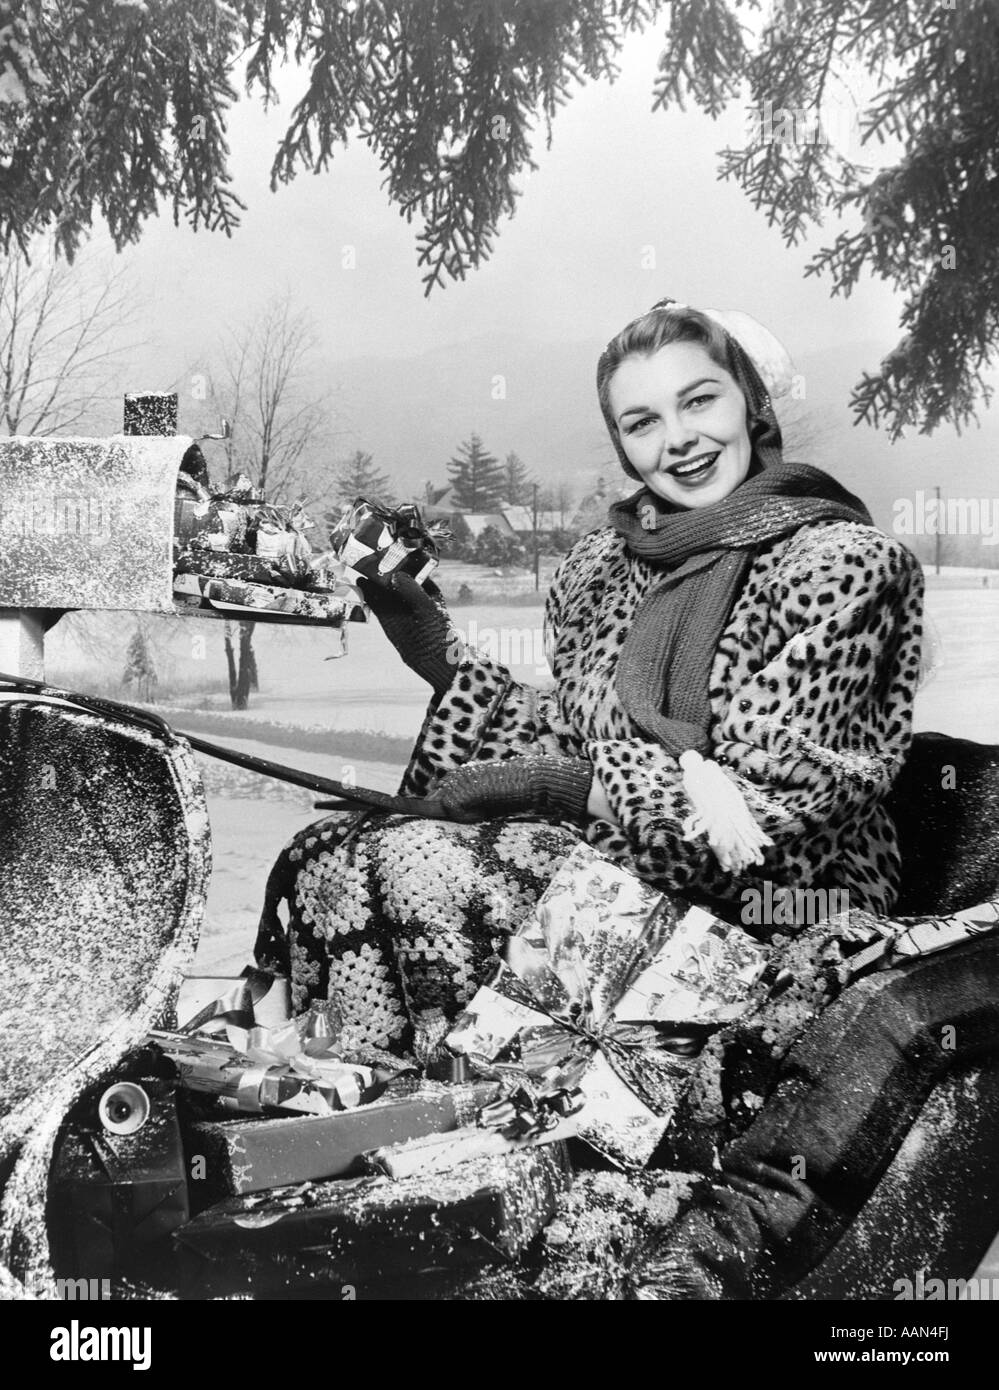 1950ER JAHREN LÄCHELNDE FRAU BLICK IN DIE KAMERA REITEN IN SCHLITTEN TRAGEN LEOPARD HAUT PELZMANTEL IN MAILBOX Stockbild